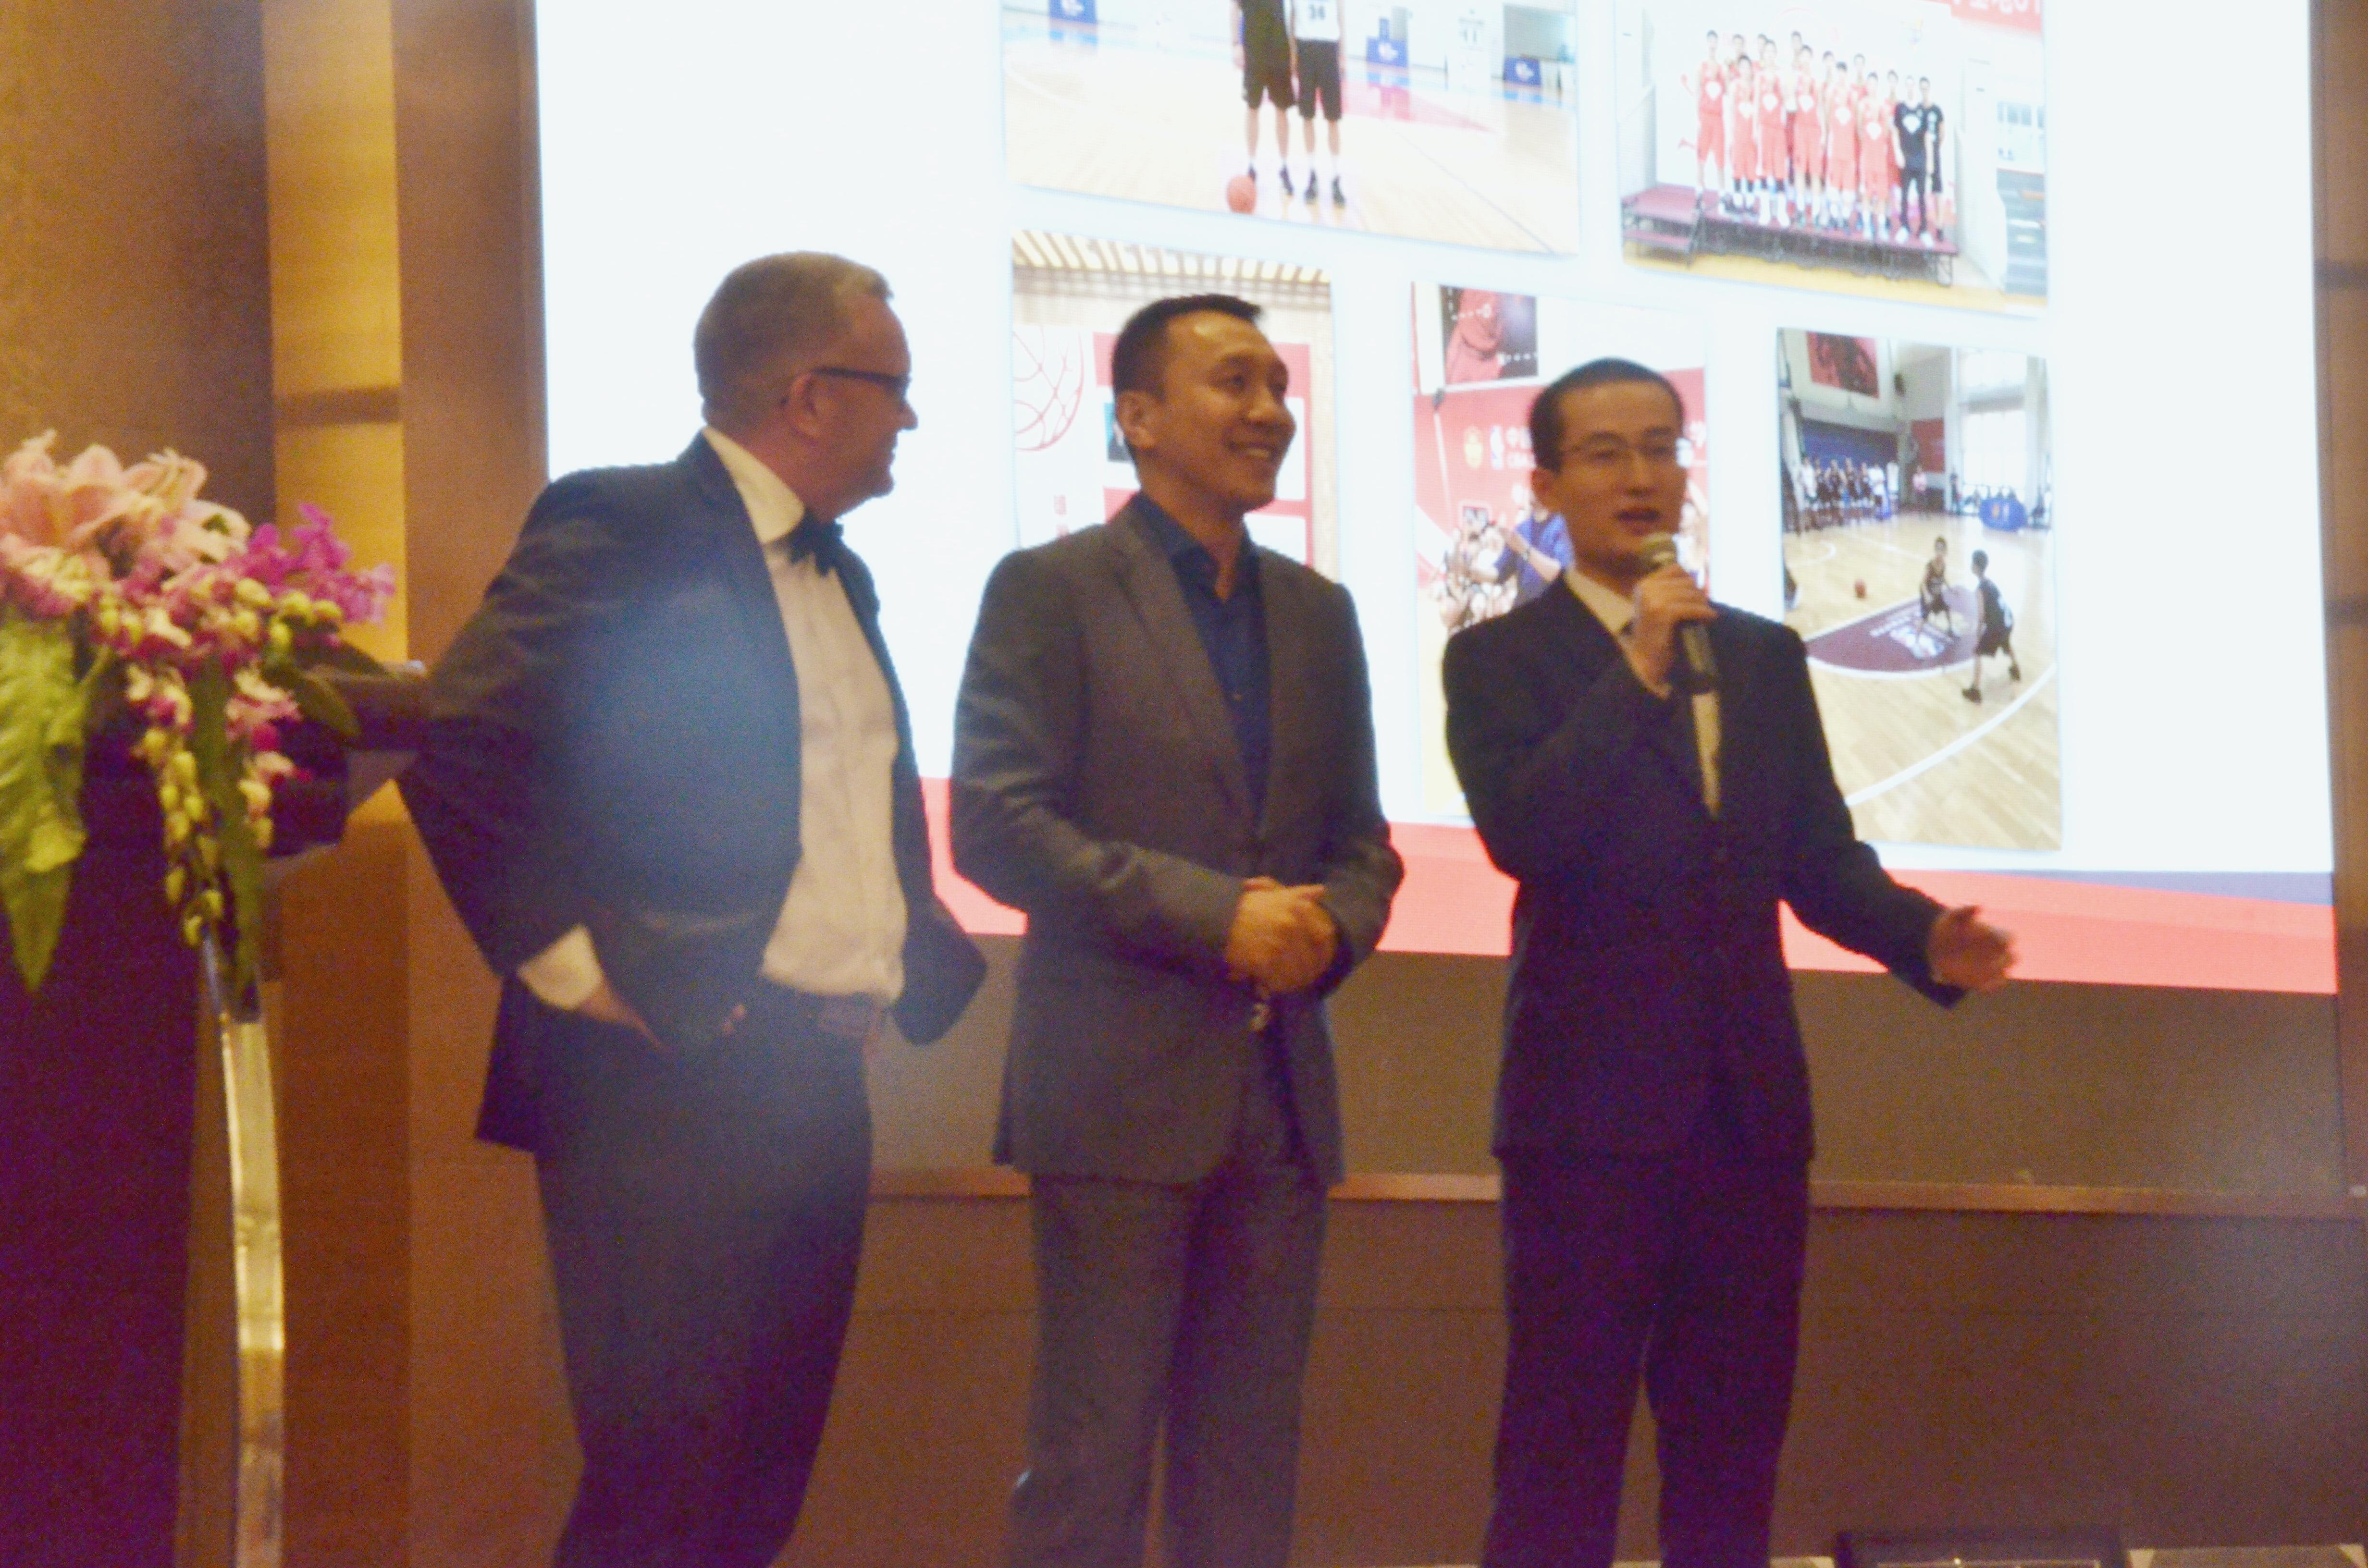 guangzhou expat community